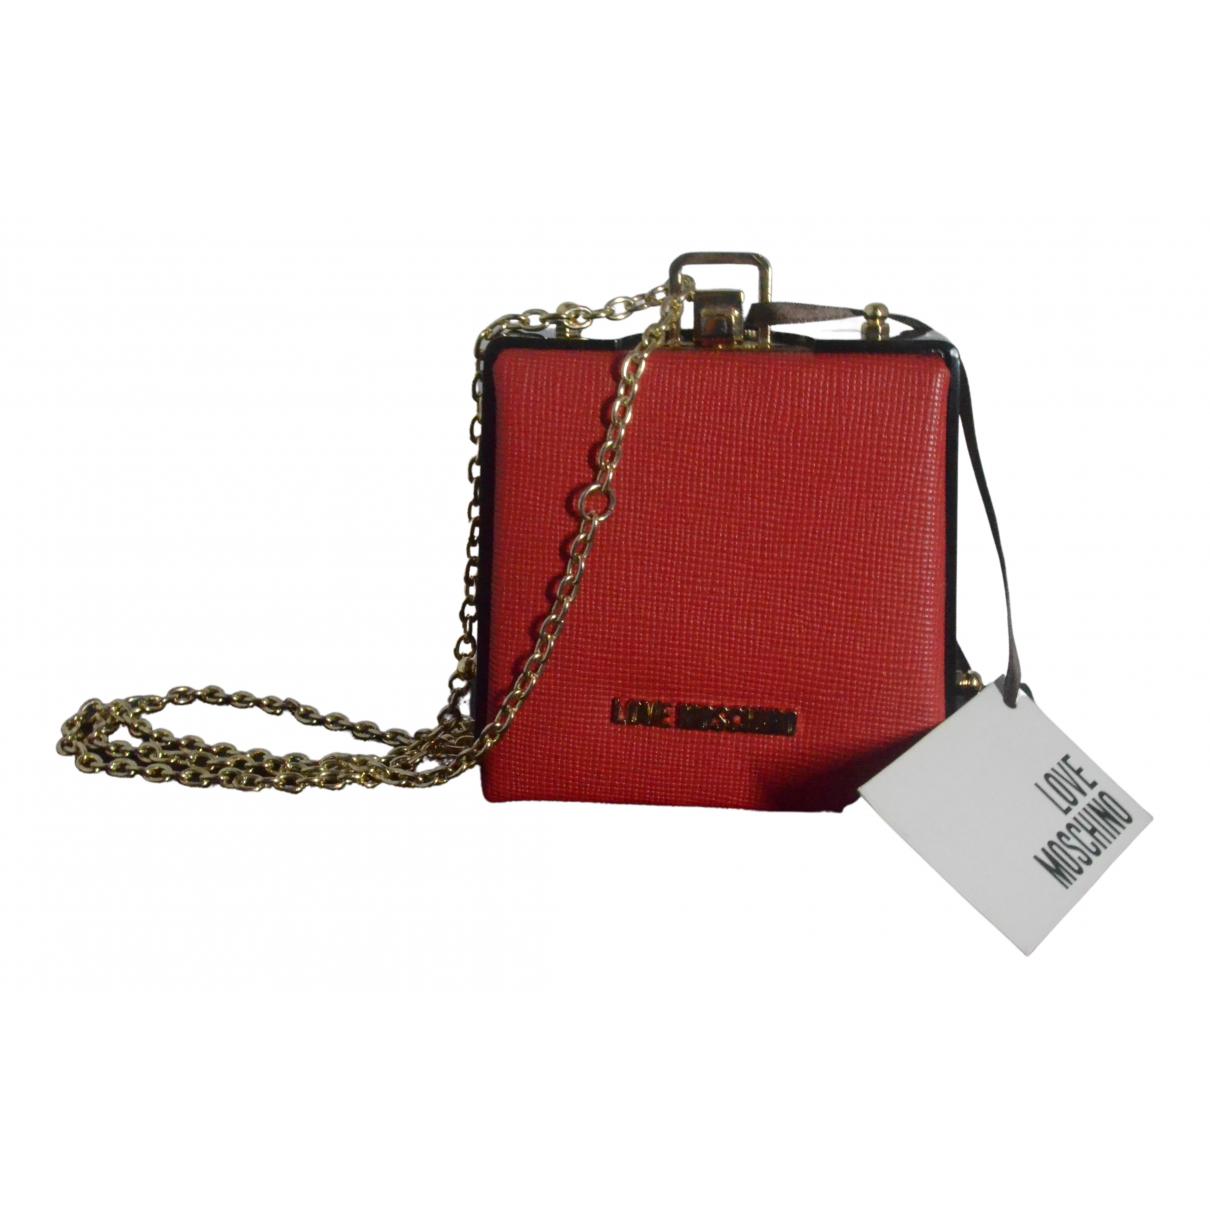 Bolsos clutch en Sintetico Rojo Moschino Love